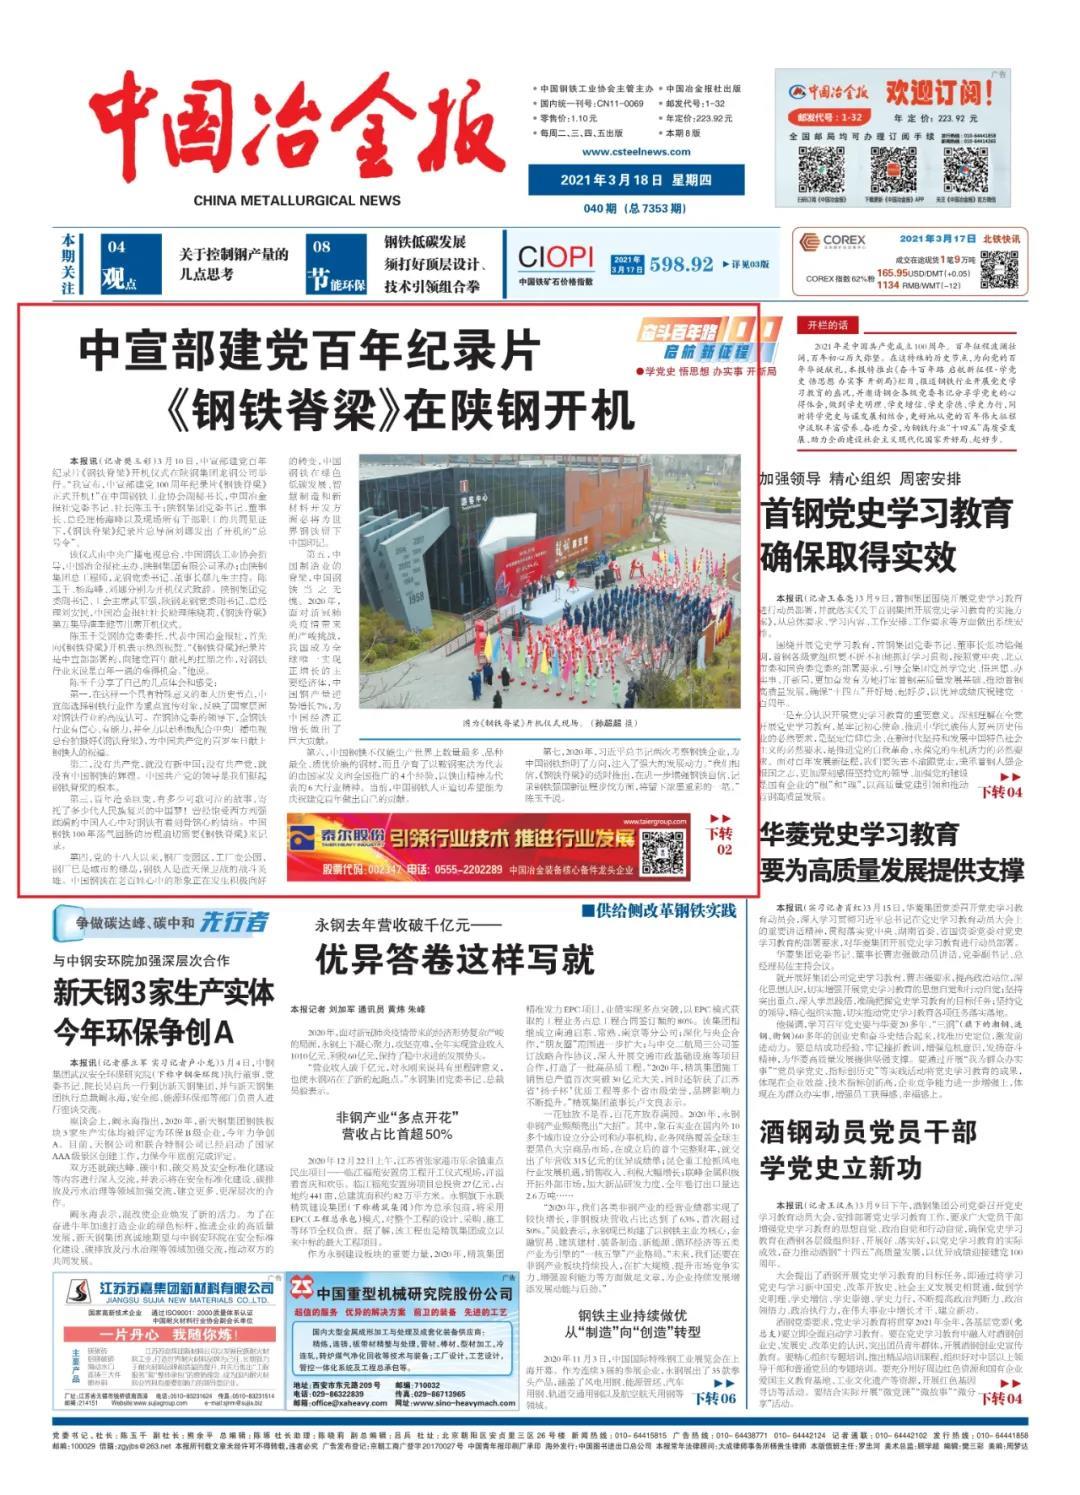 中国冶金报头条:看,《钢铁脊梁》在陕钢开机